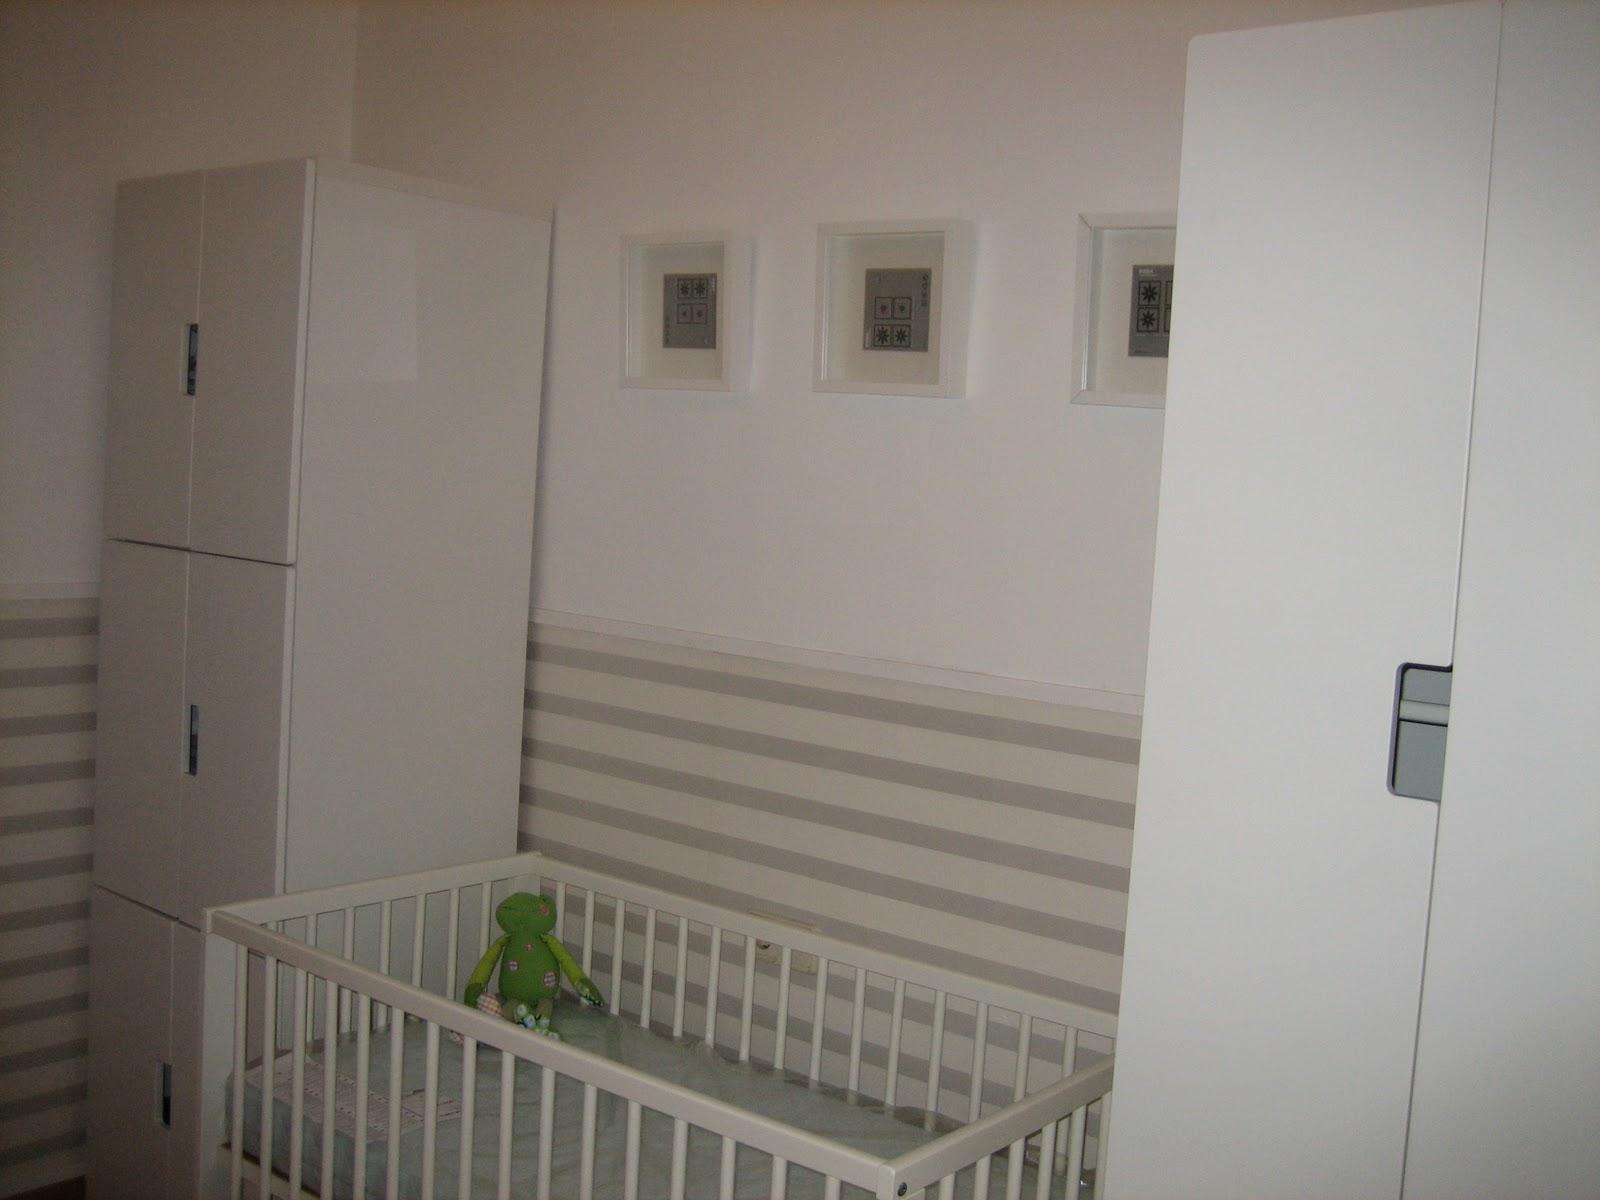 Baby deco febrero 2011 - Poner papel pared ...